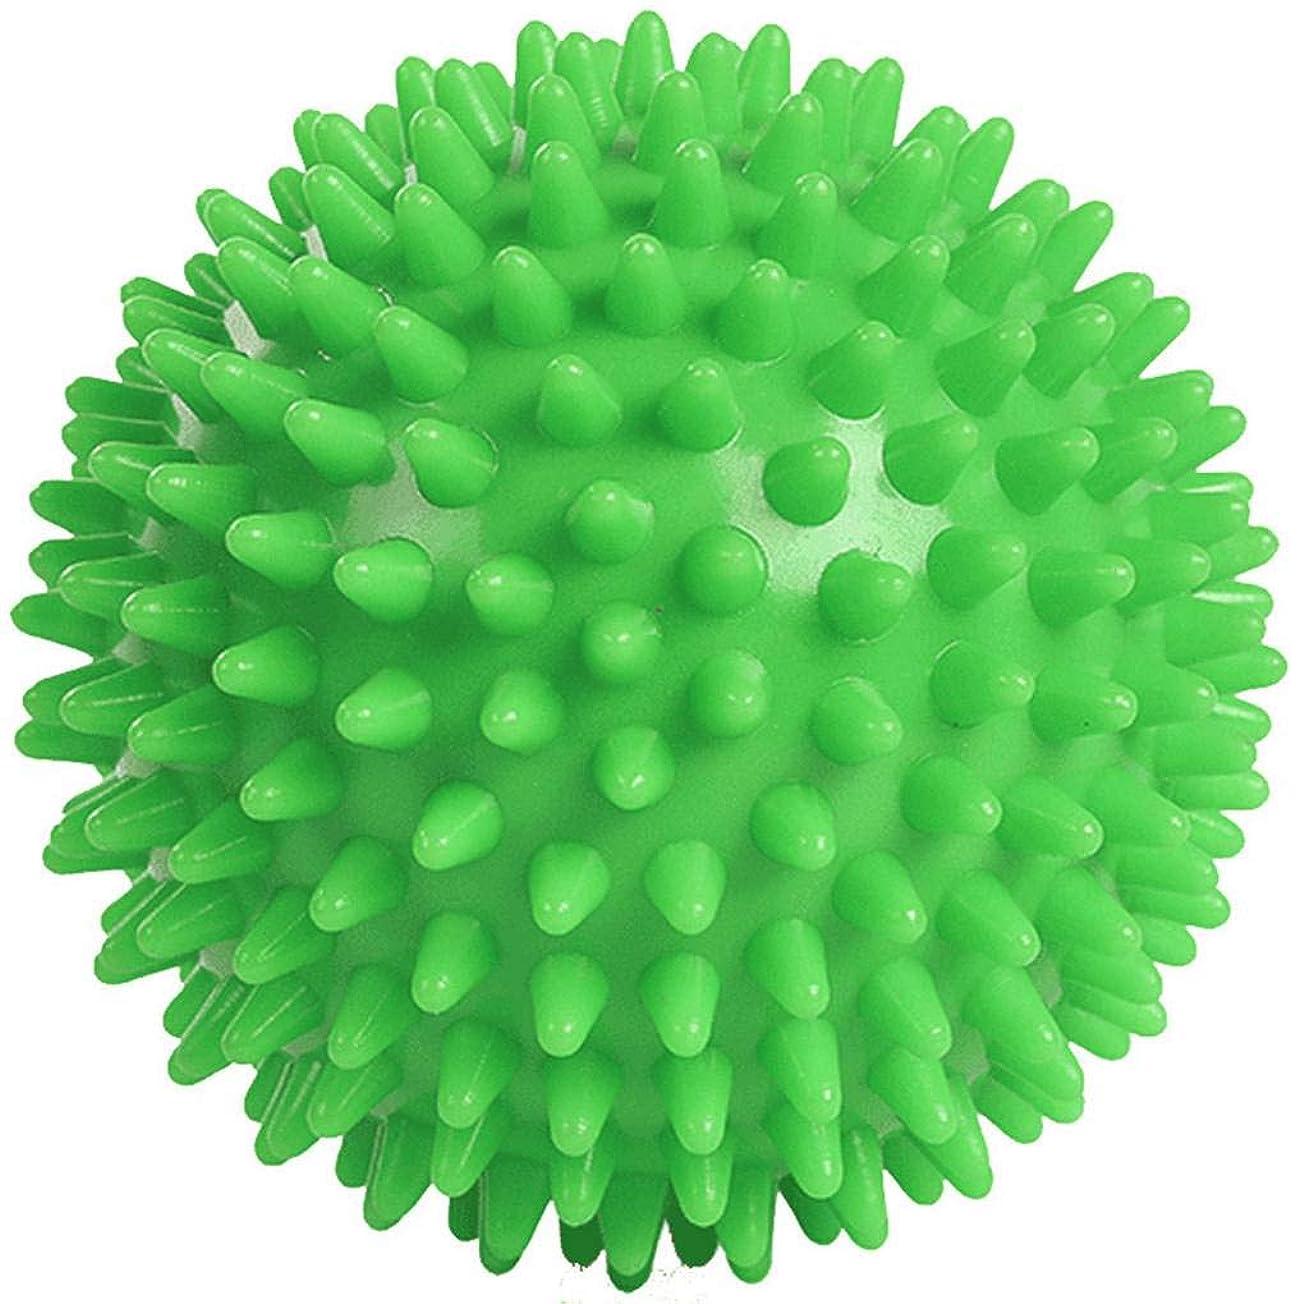 ファン共感する依存するArichops リフレックスボール 触覚ボール 足裏手 背中のマッサージボール リハビリ マッサージ用 血液循環促進 筋肉緊張 圧迫で解きほぐす 【正規品】